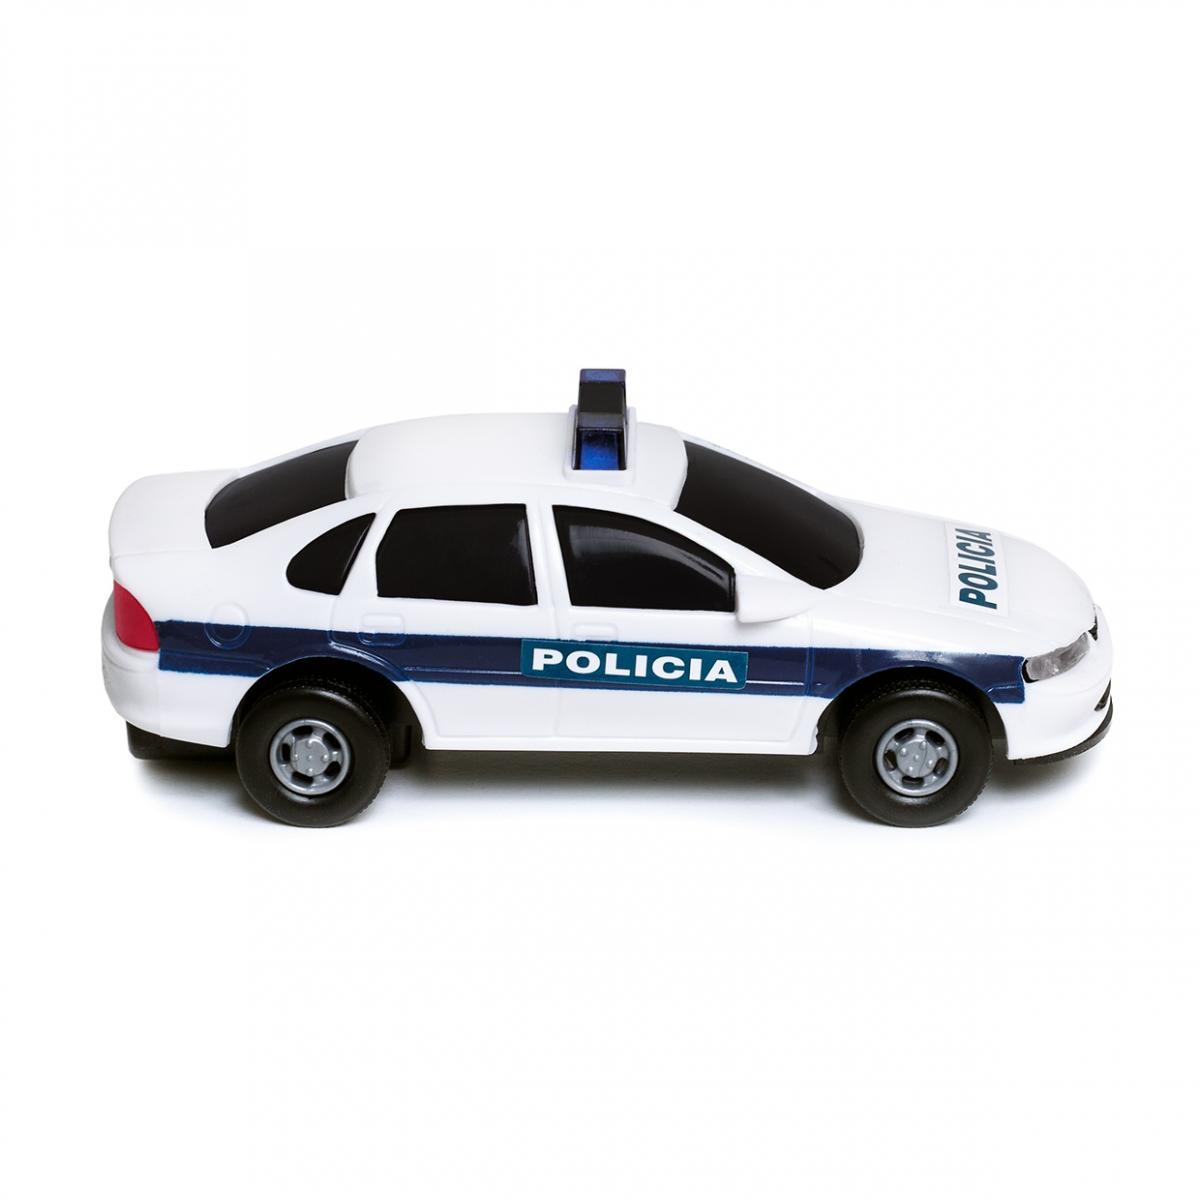 Imagen en la que se ve un coche de policía en perspectiva lateral